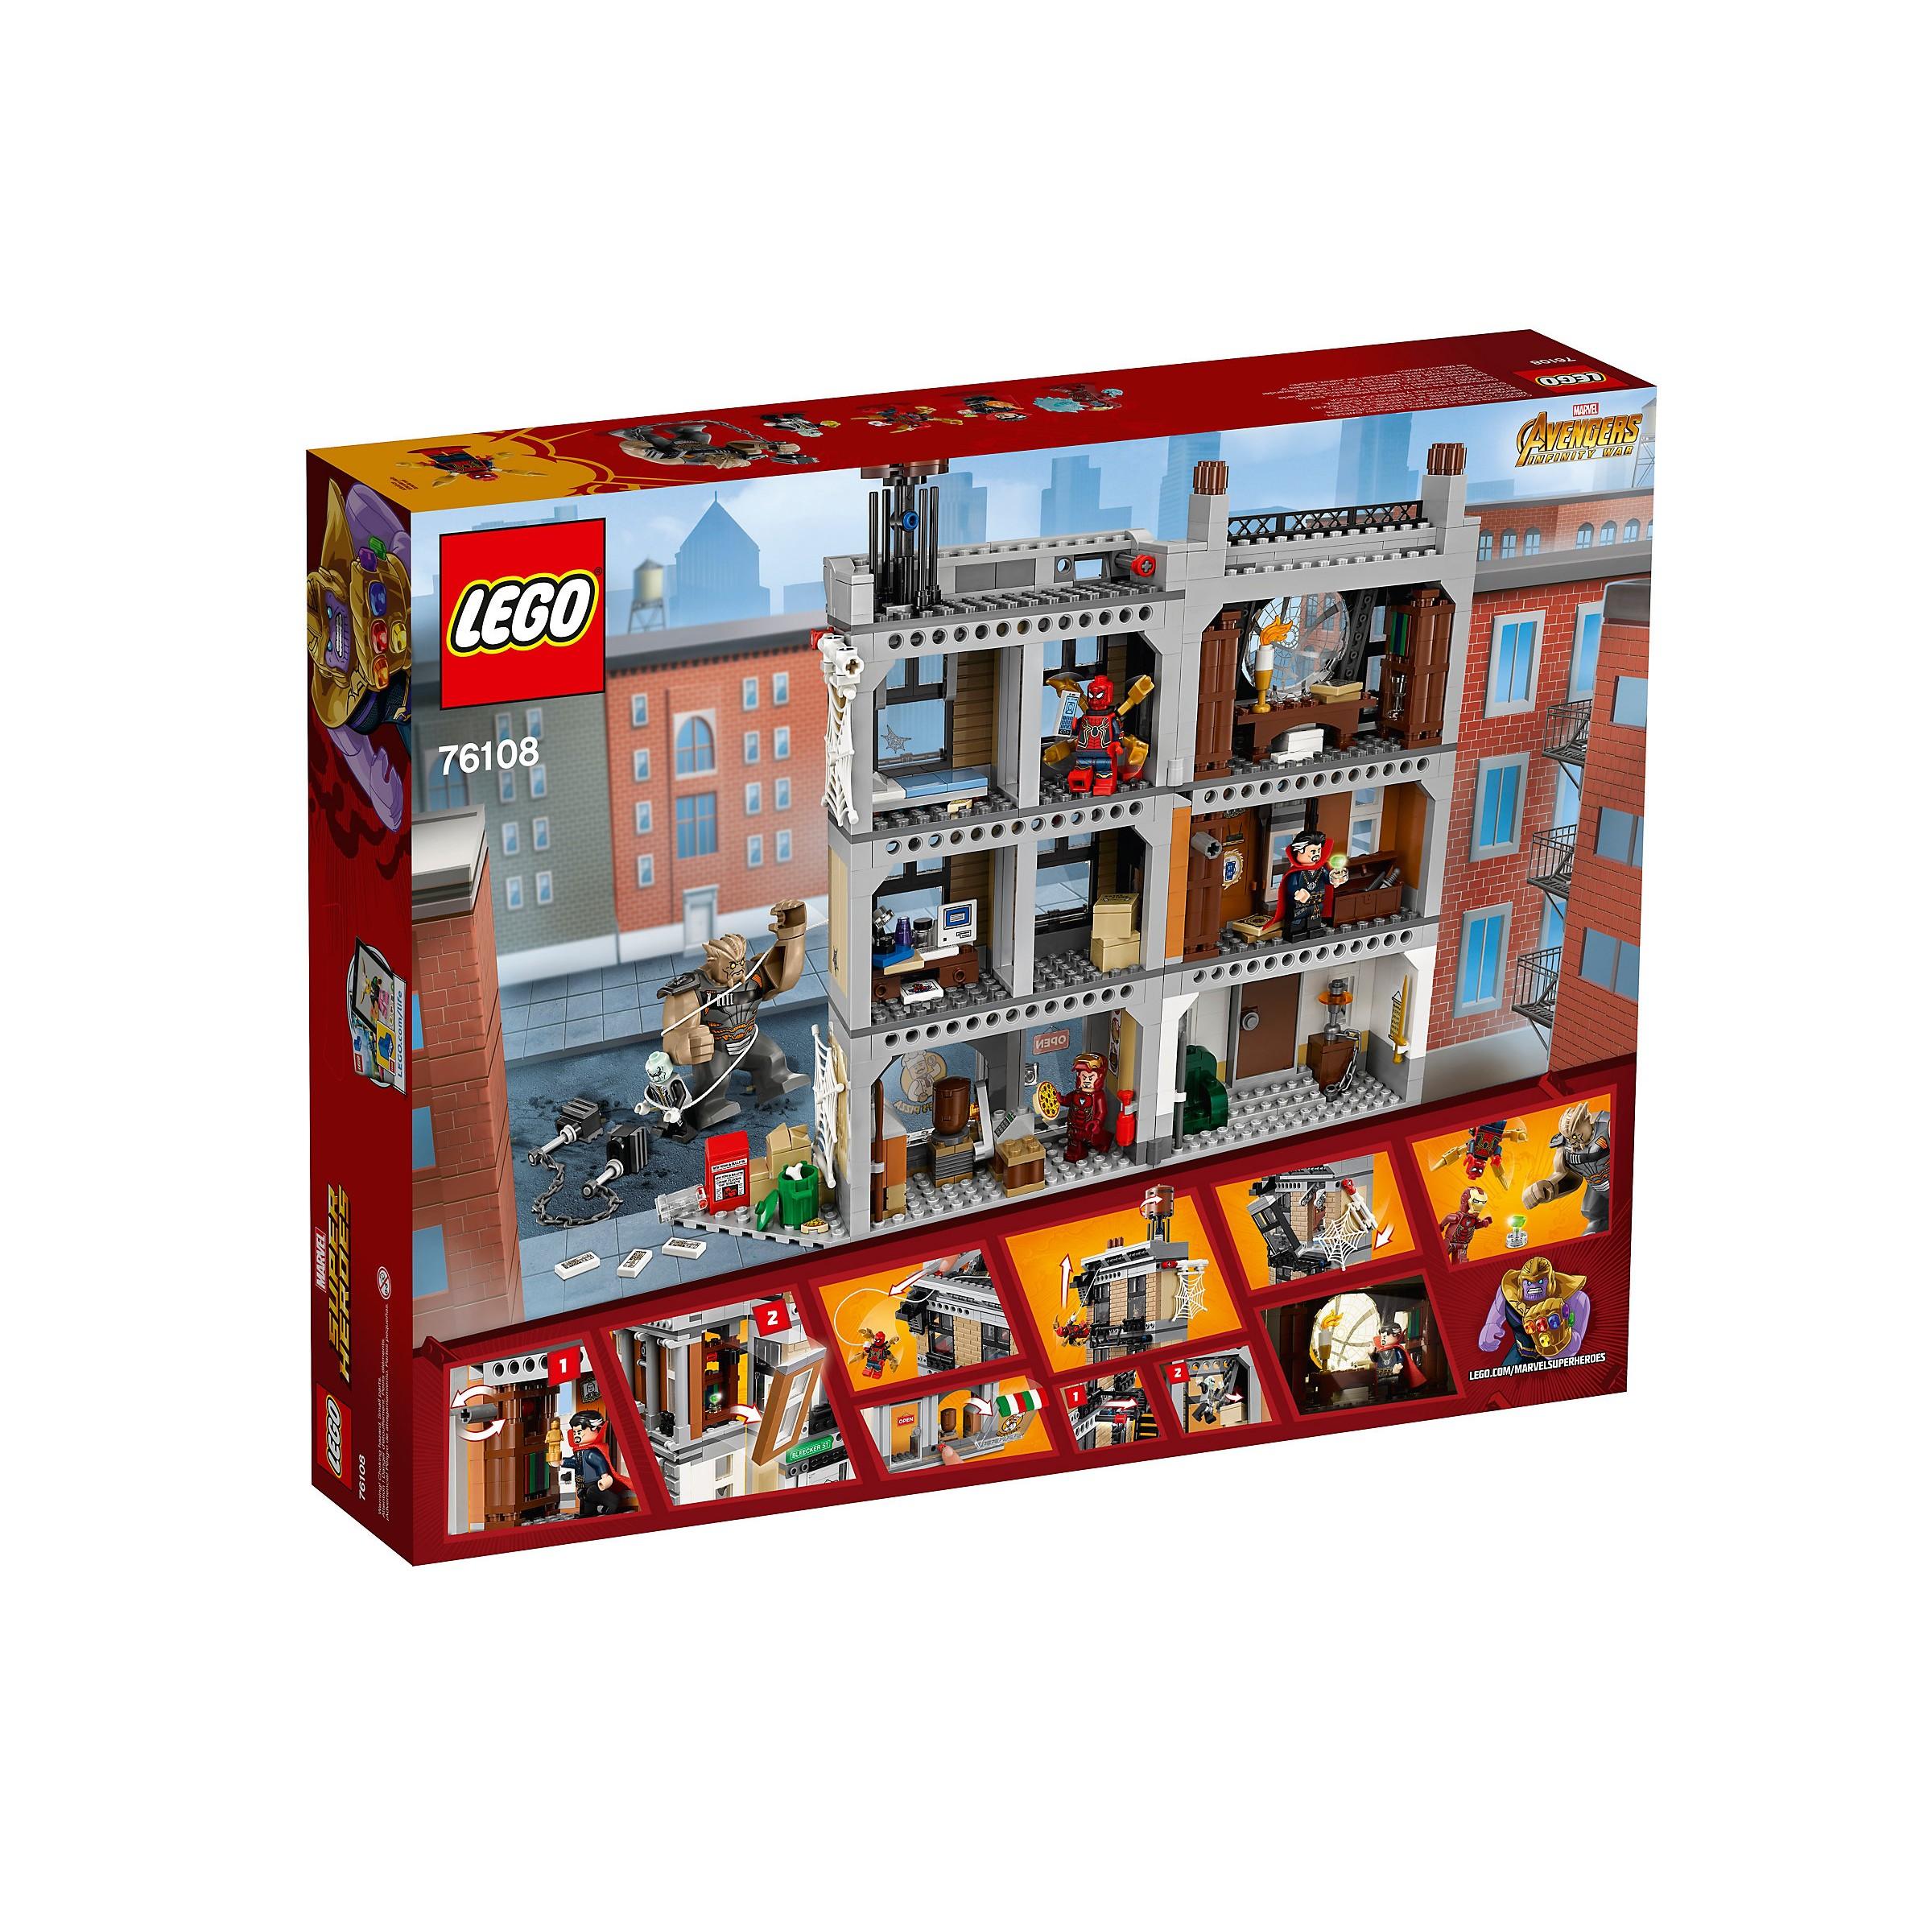 LEGO 76108 Marvel Super Heroes Sanctum Sanctorum Showdown ...